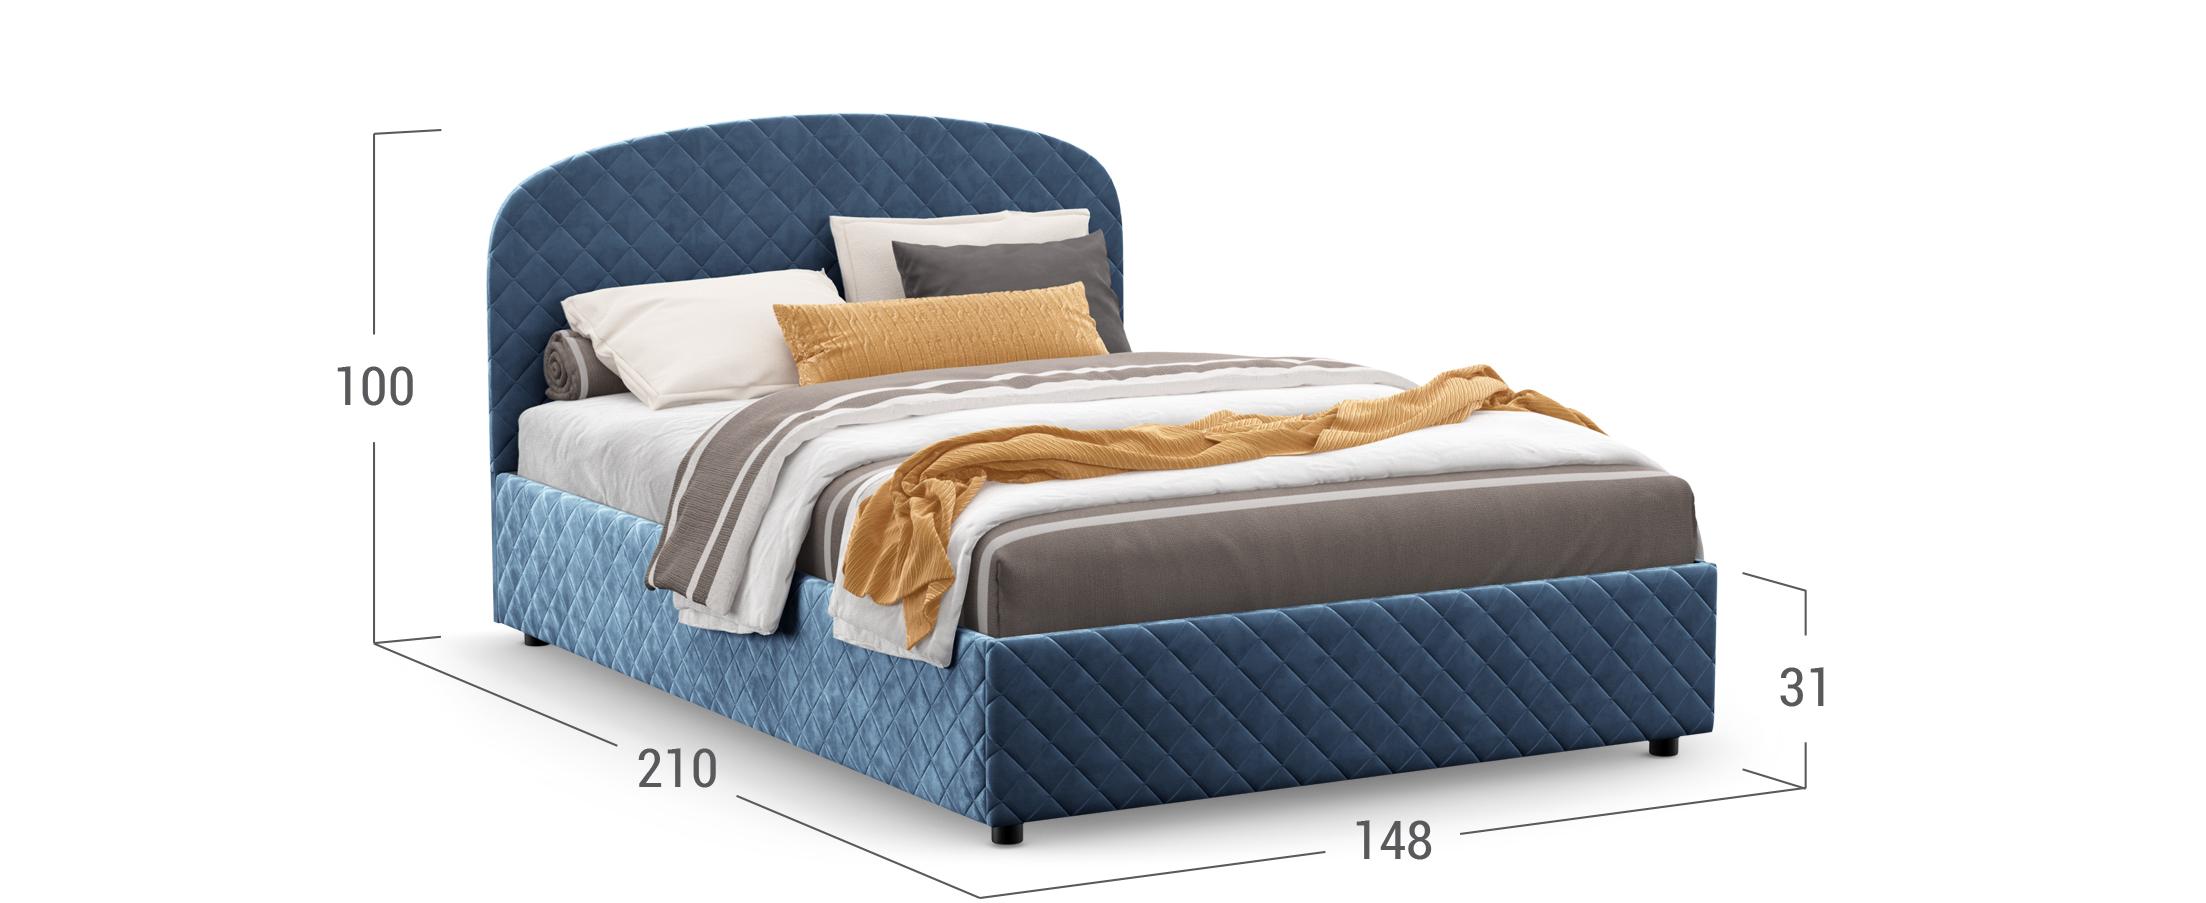 Кровать двуспальная Isolde 140х200 Модель 1224